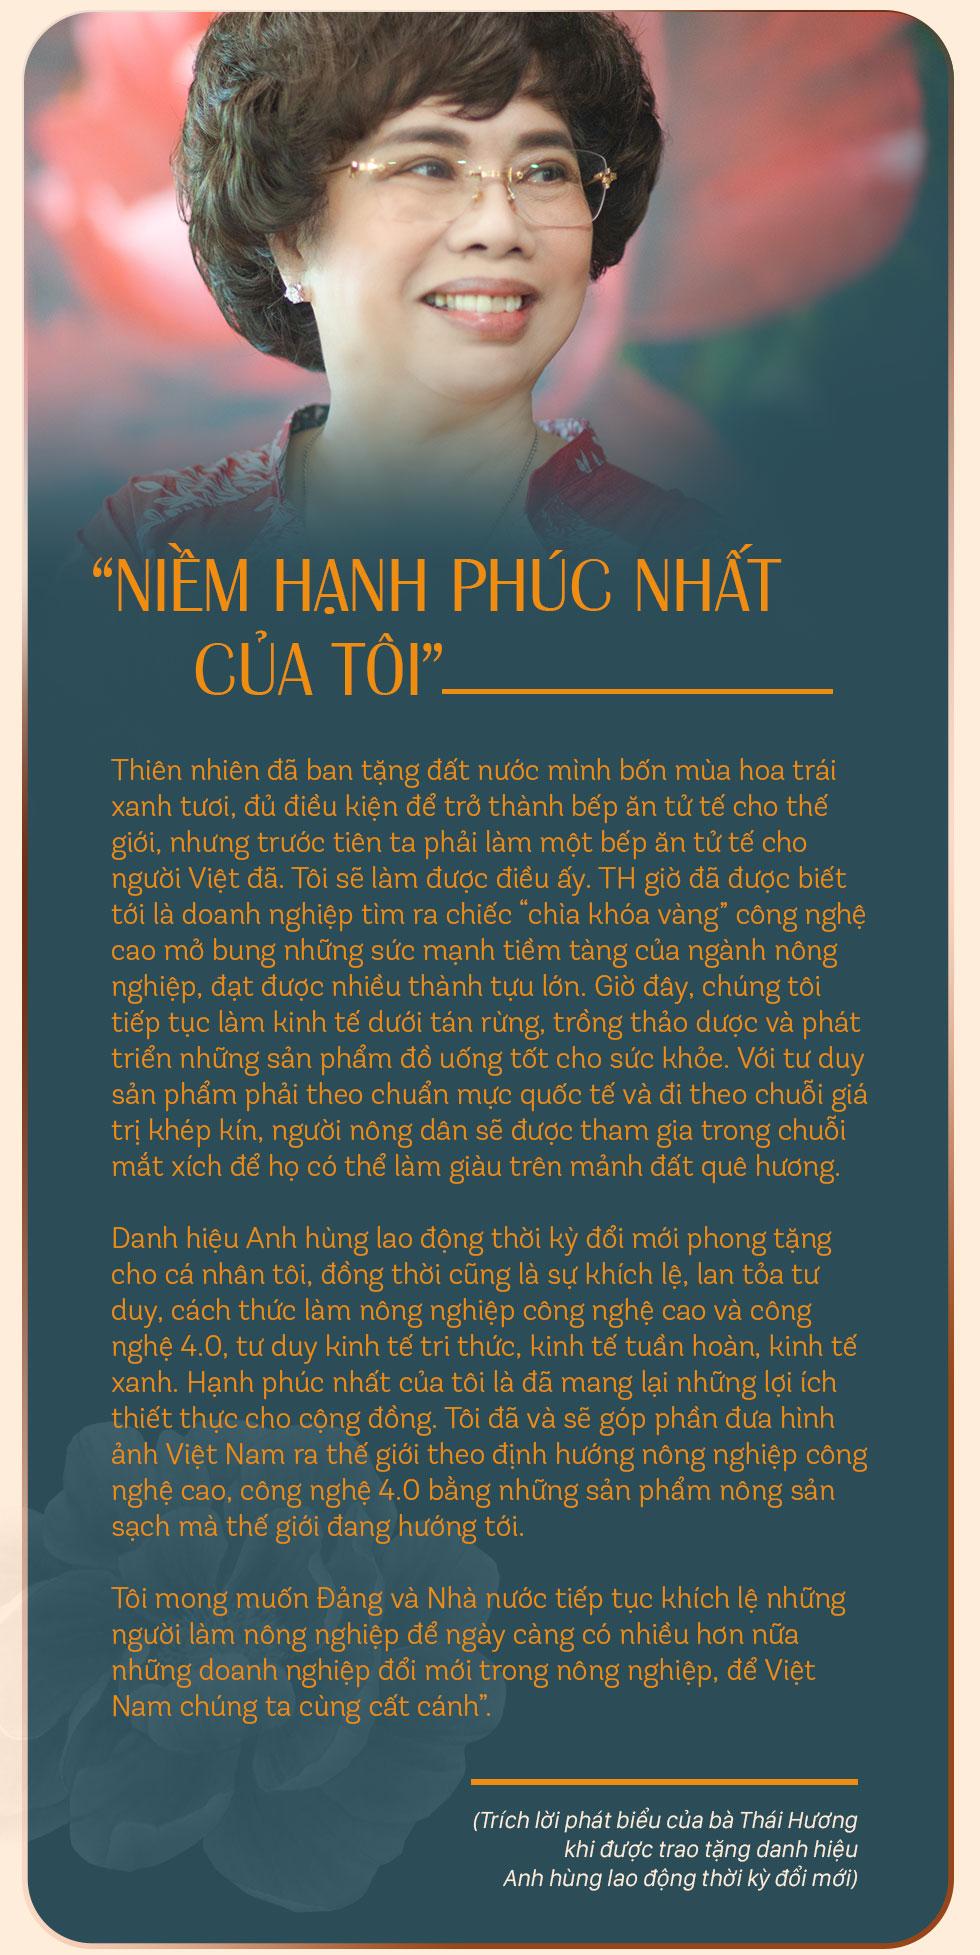 3 điều cốt tử giúp Thái Hương trở thành Anh hùng: Dấn thân, trí tuệ, trái tim - Ảnh 21.